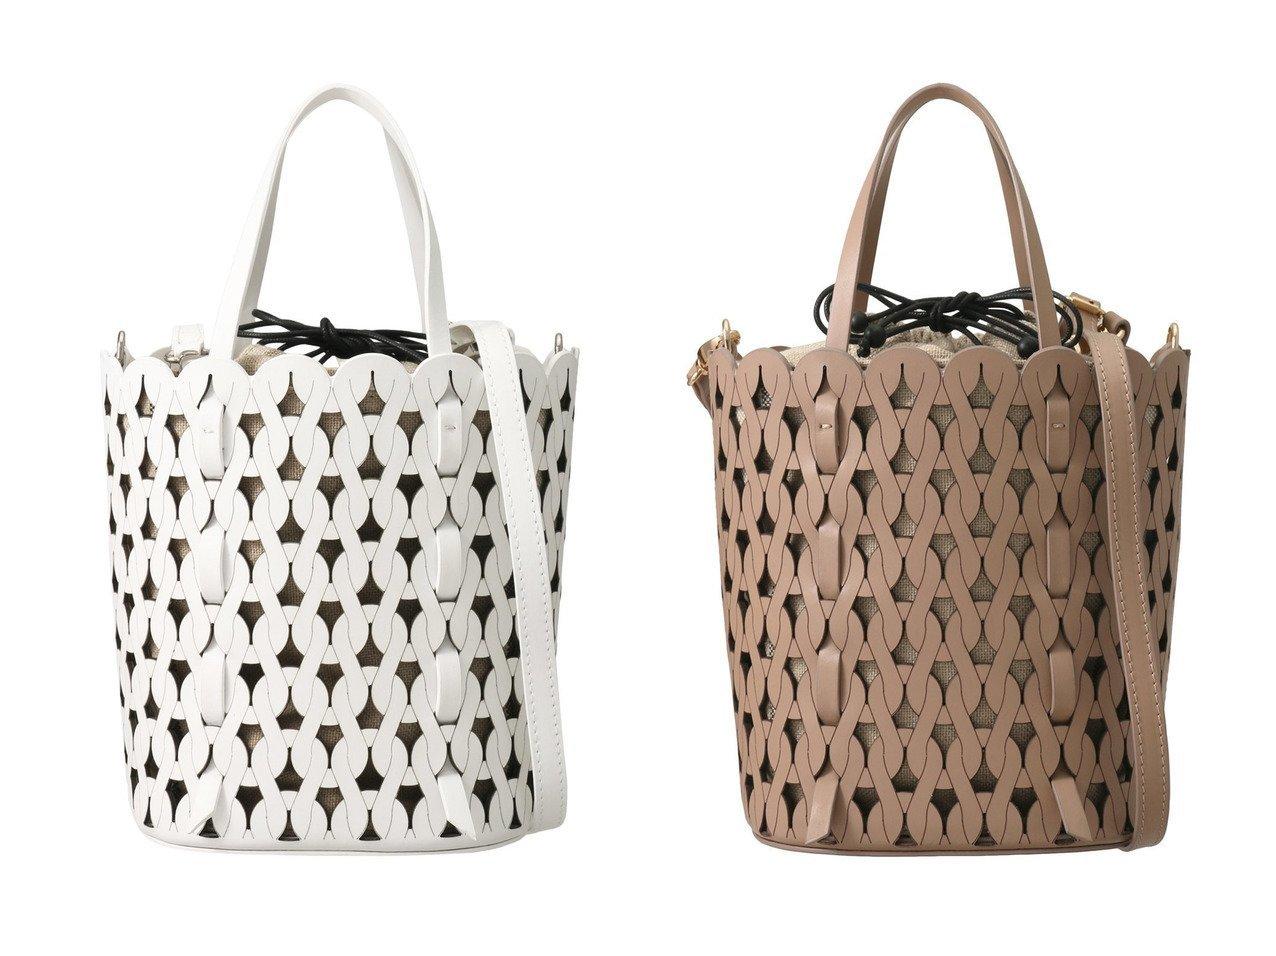 【martinique/マルティニーク】の【anita bilardi 】ウッドバスケットバッグ martiniqueのおすすめ!人気、トレンド・レディースファッションの通販 おすすめで人気の流行・トレンド、ファッションの通販商品 メンズファッション・キッズファッション・インテリア・家具・レディースファッション・服の通販 founy(ファニー) https://founy.com/ ファッション Fashion レディースファッション WOMEN バッグ Bag 2021年 2021 2021 春夏 S/S SS Spring/Summer 2021 S/S 春夏 SS Spring/Summer ショルダー 巾着 春 Spring |ID:crp329100000018742